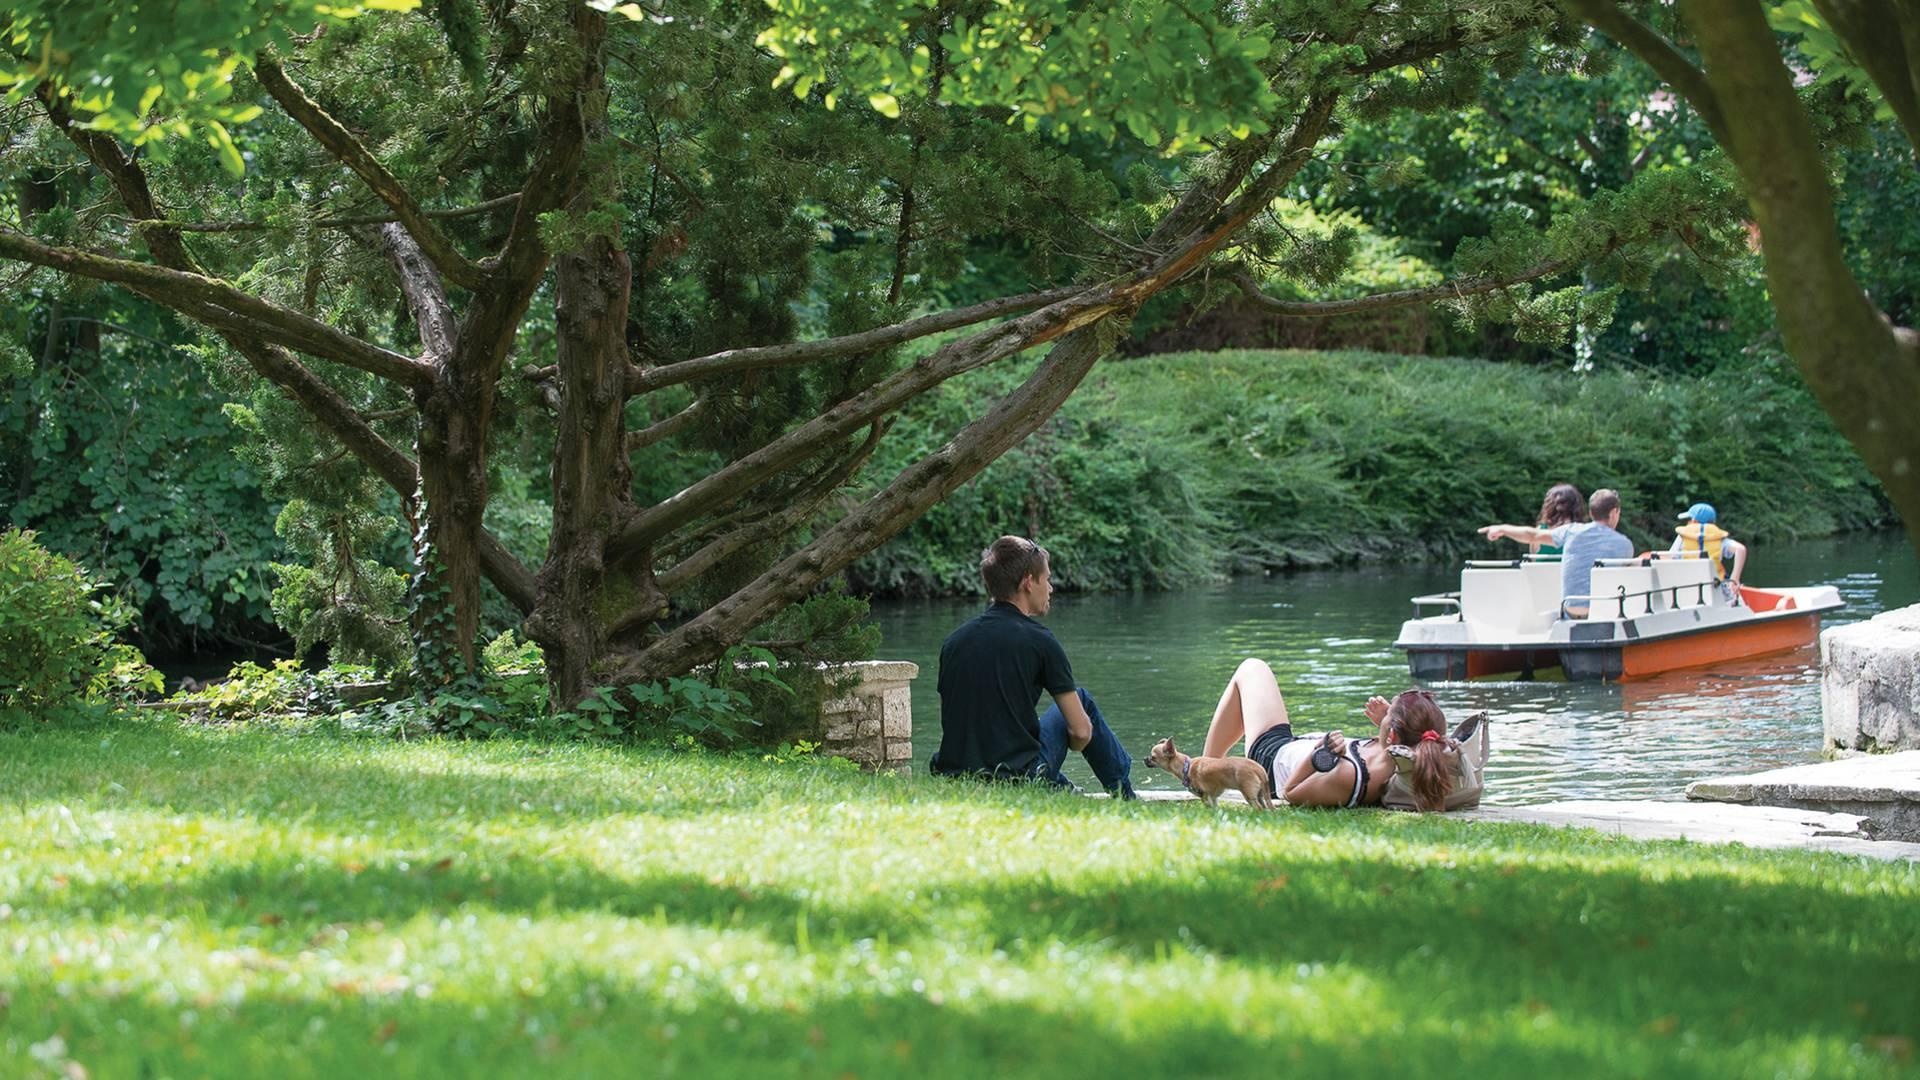 Balade dans le parc des bords de l'Eure